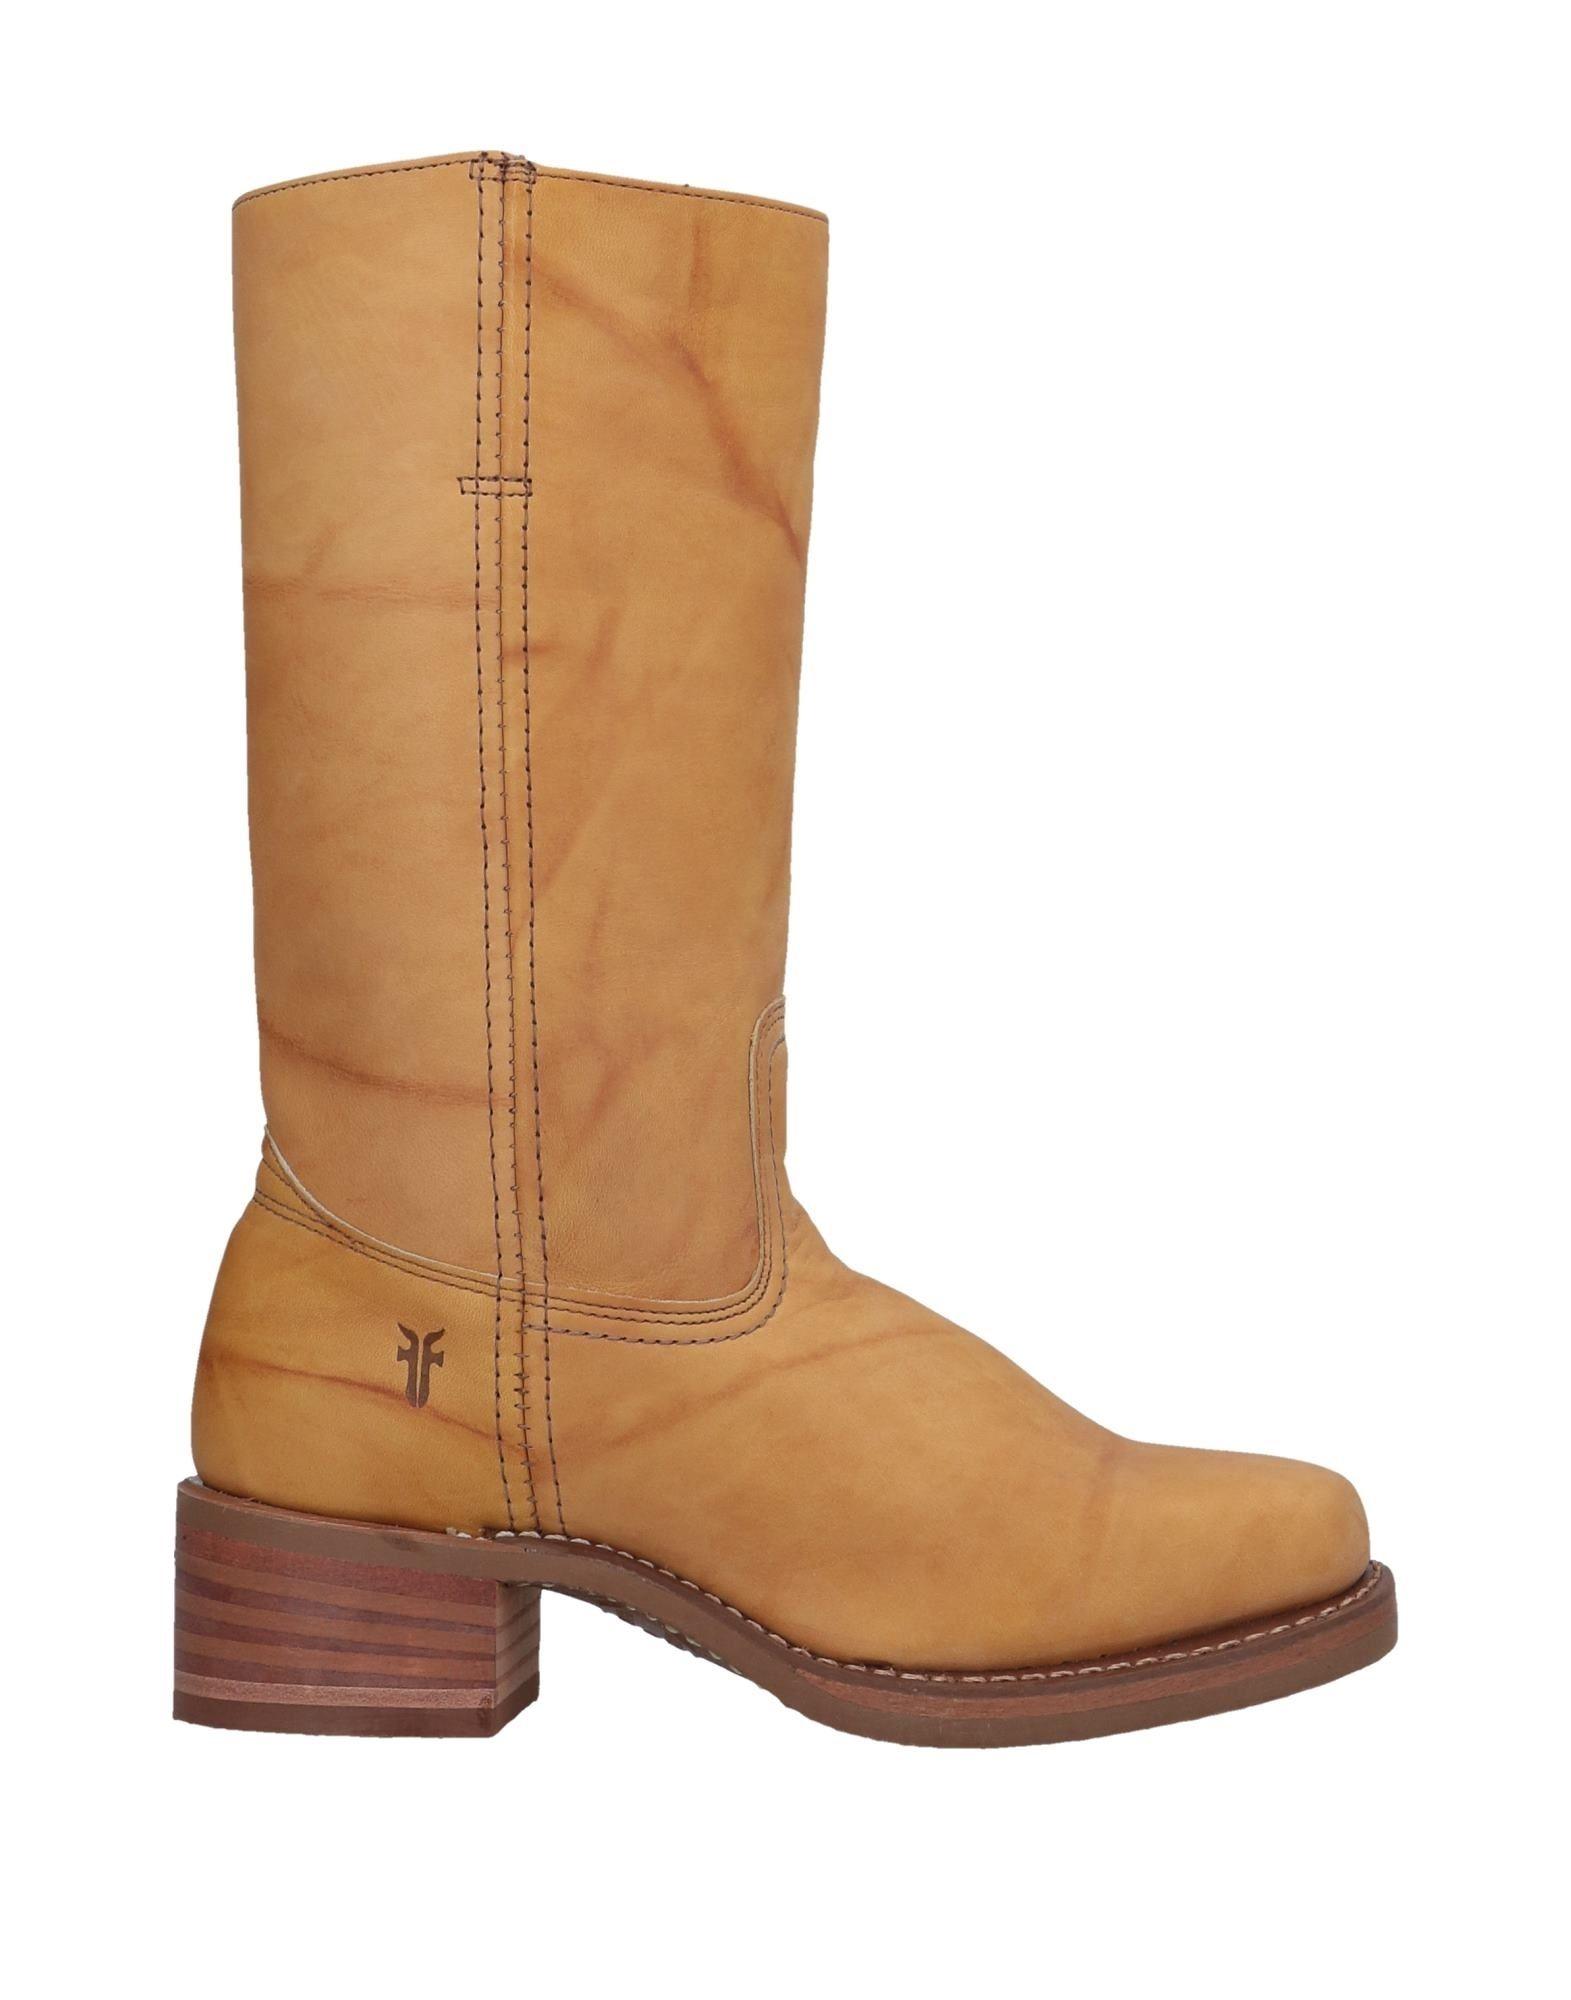 Frye Stiefel Damen  11530712JOGut aussehende strapazierfähige Schuhe